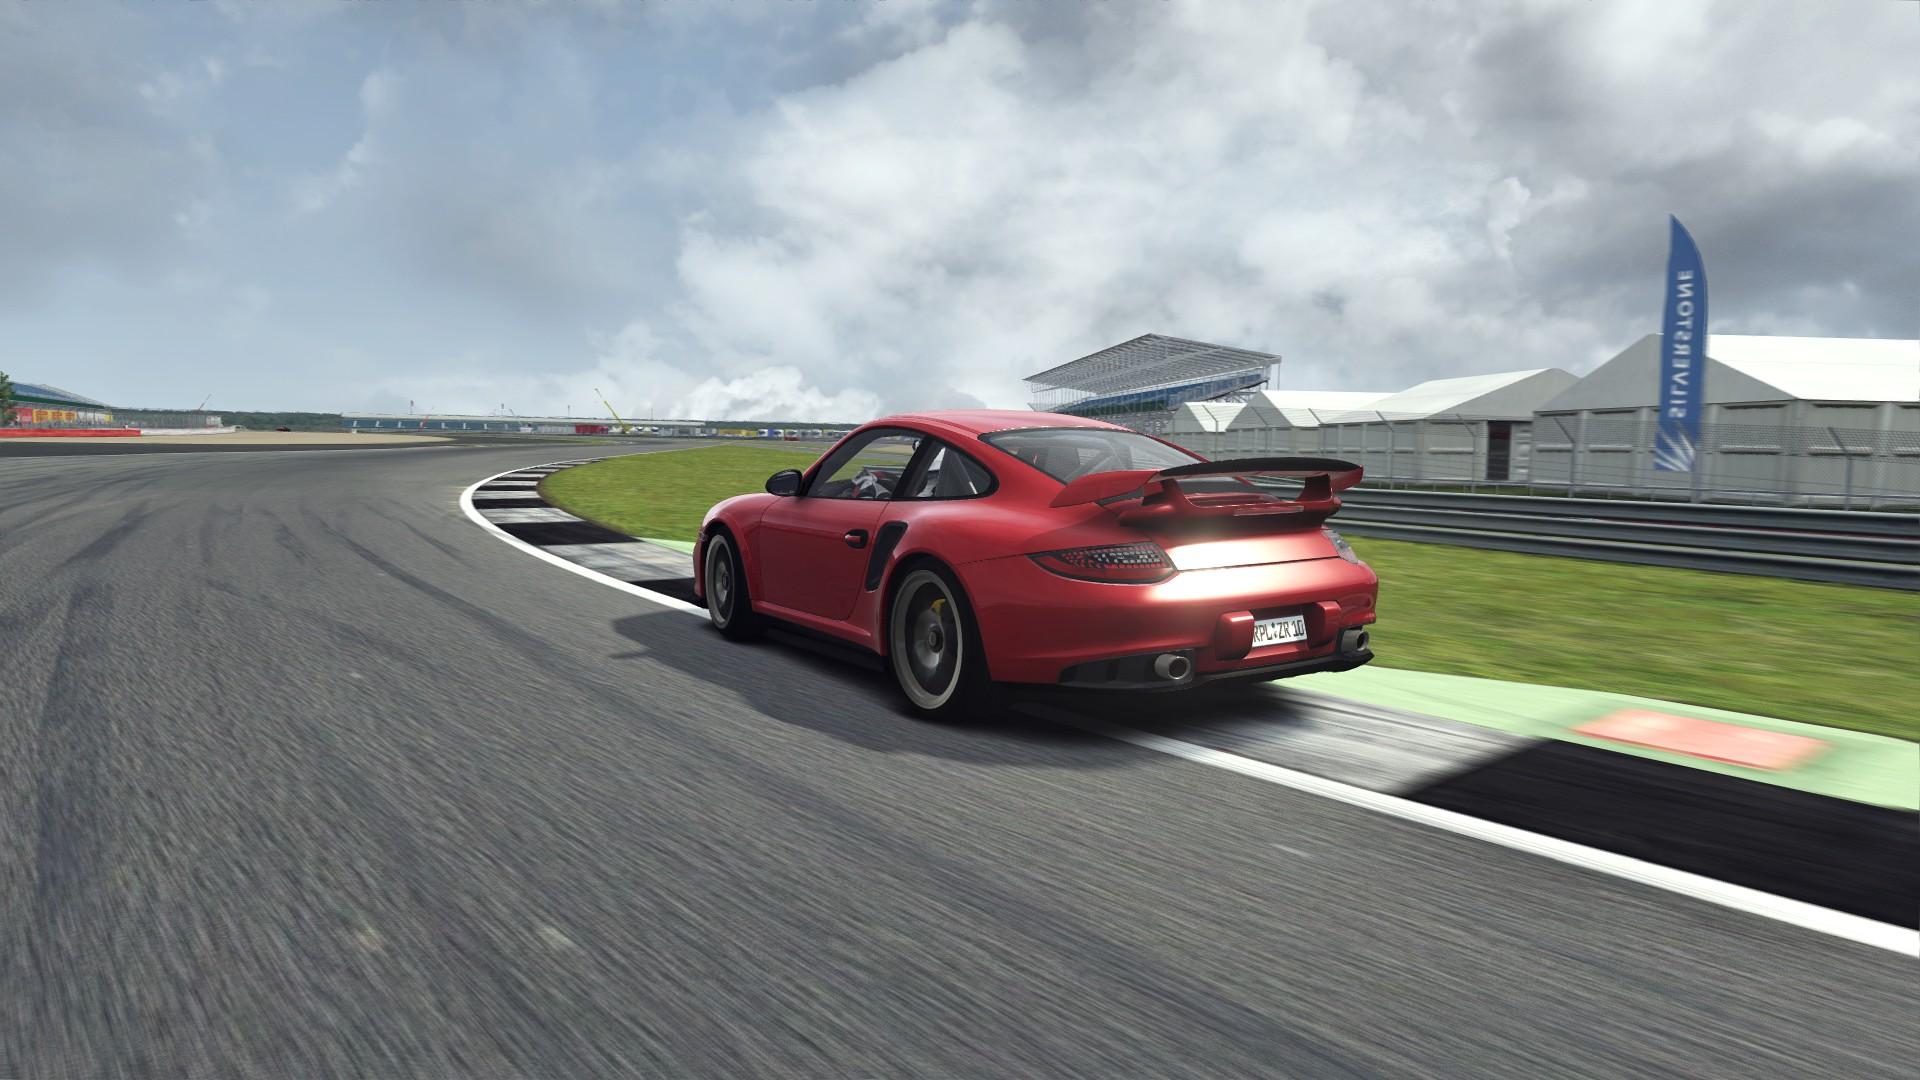 Porsche 997 GT2RS Assetto Corsa 1.14 073.jpg